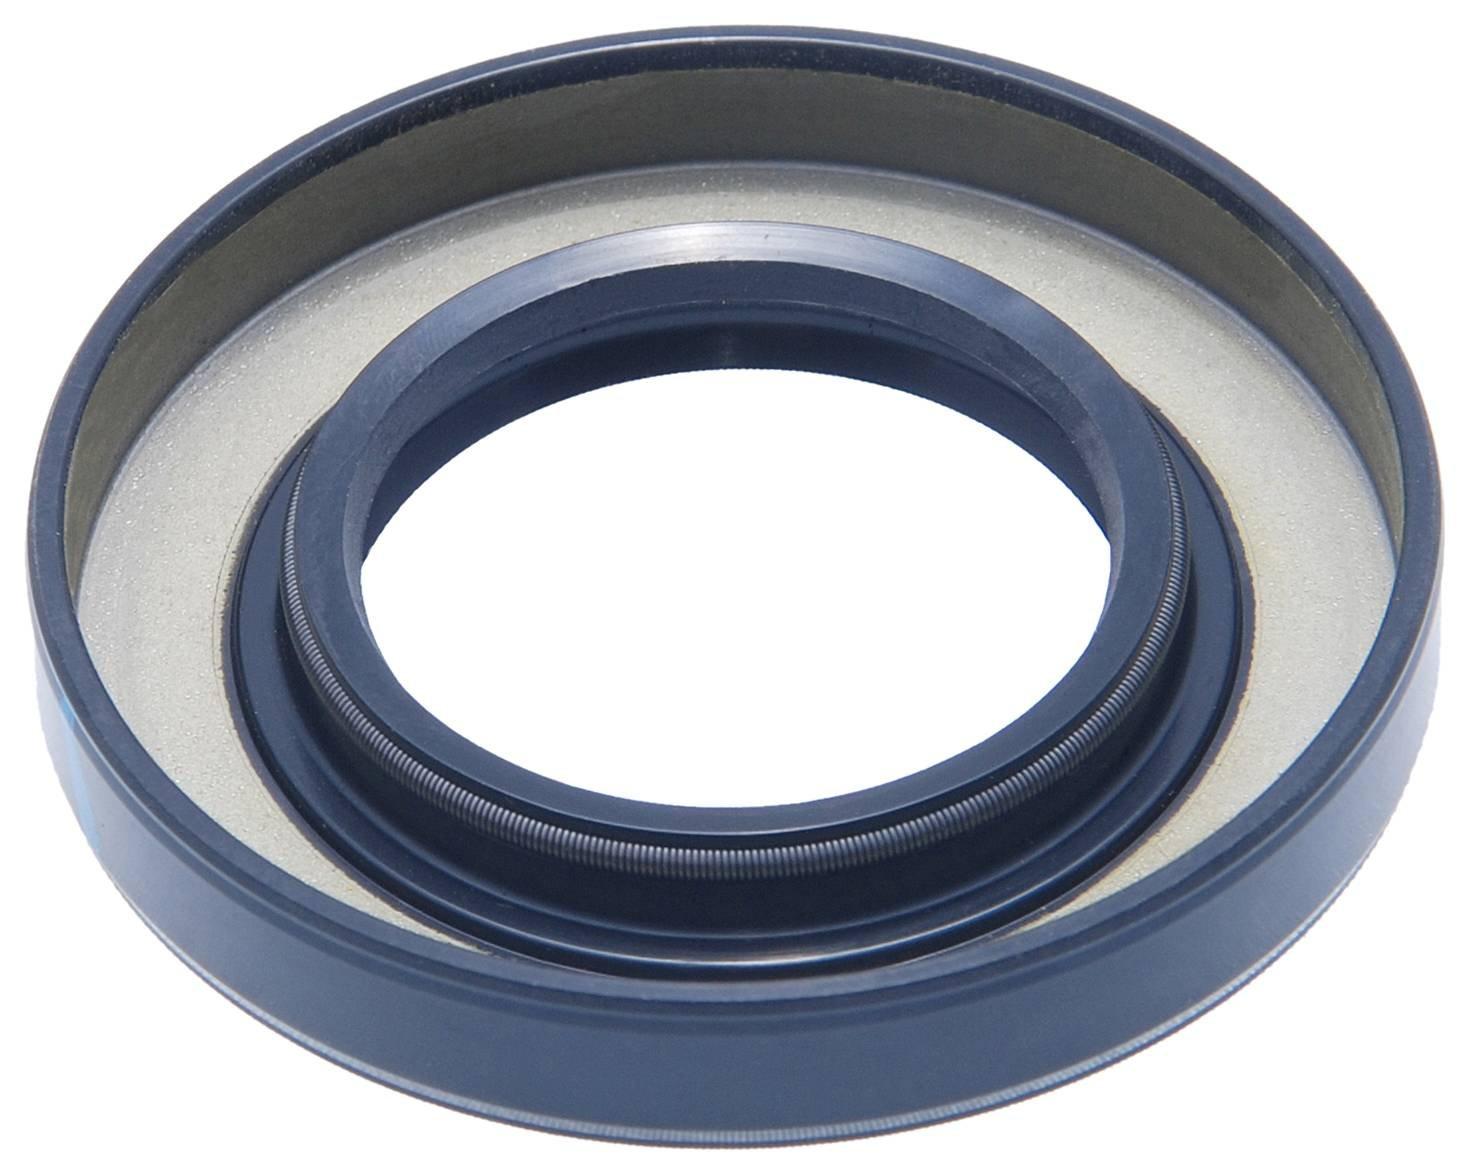 09283-35037 / 928335037 - Oil Seal (Axle Case) (35X62X9, 5) For Suzuki Febest